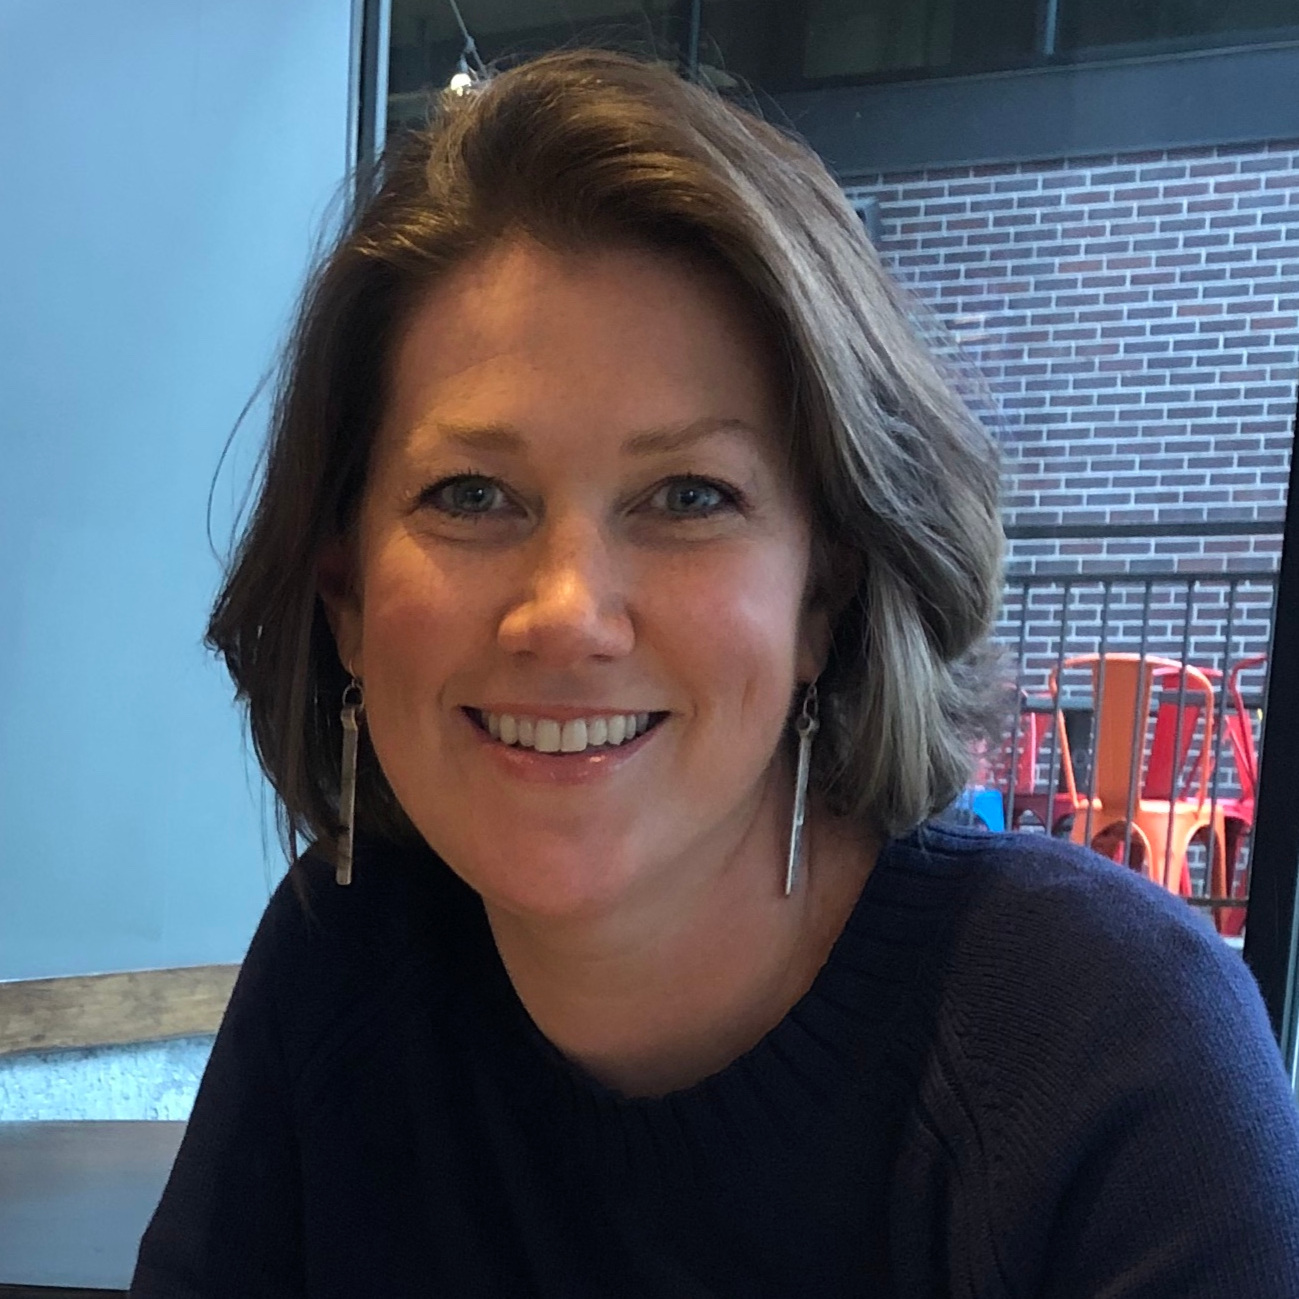 Chelsea Carstensen